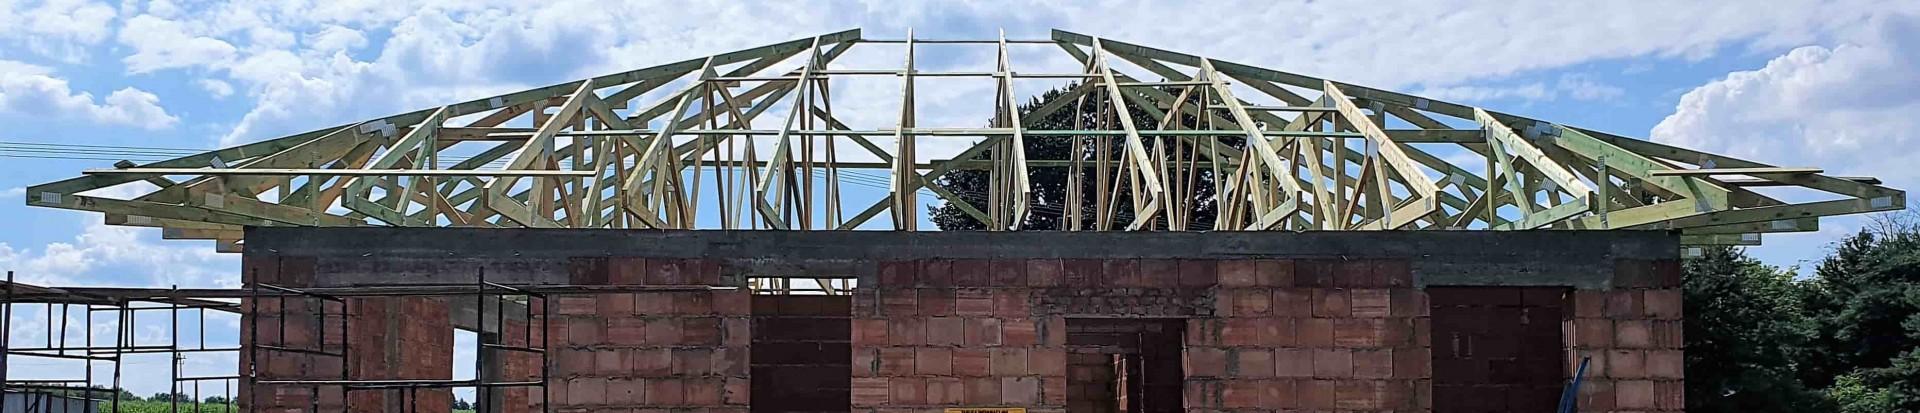 Drewniana konstrukcja dachu domu w miejscowości Besiekierz